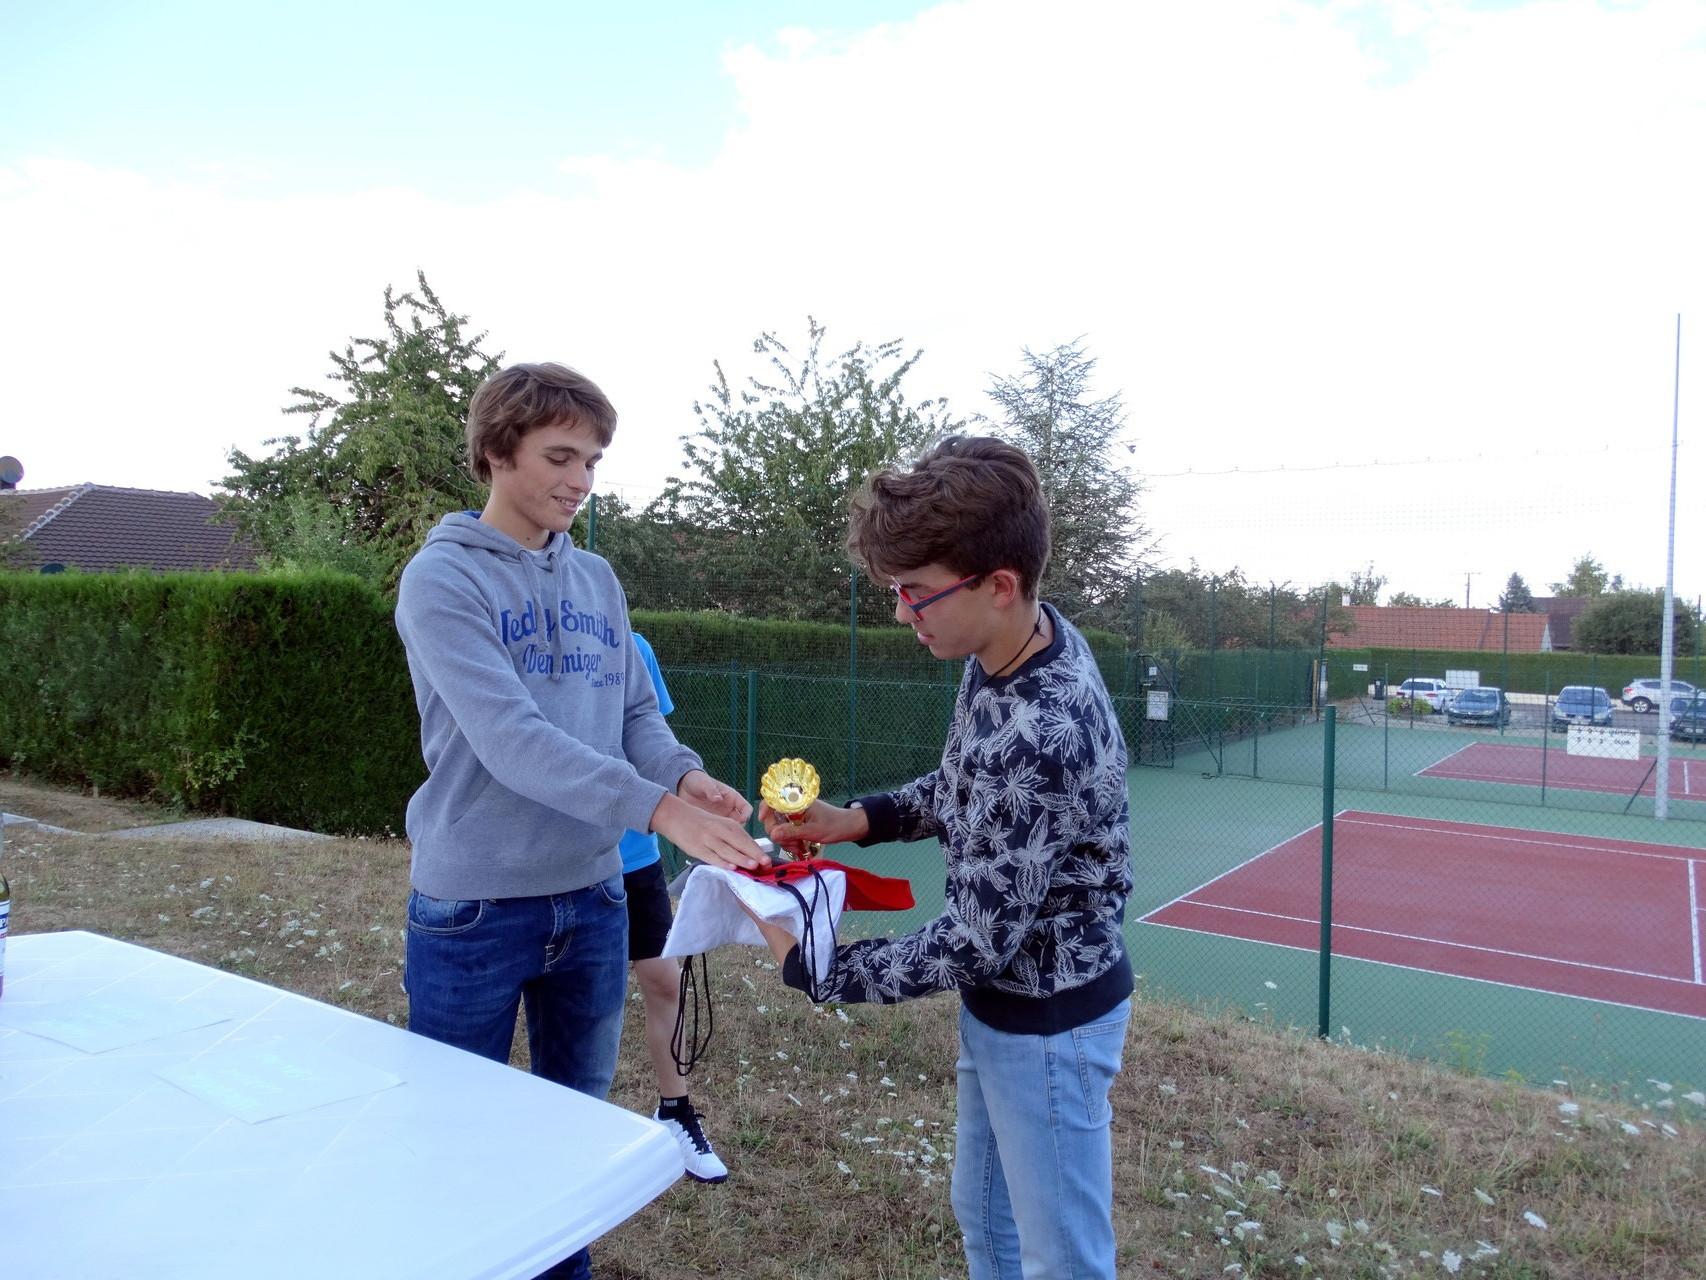 Remise des prix en catégorie 15/16 ans, Enzo vainqueur (Merci à la pro de la photo Sarah Spataro)